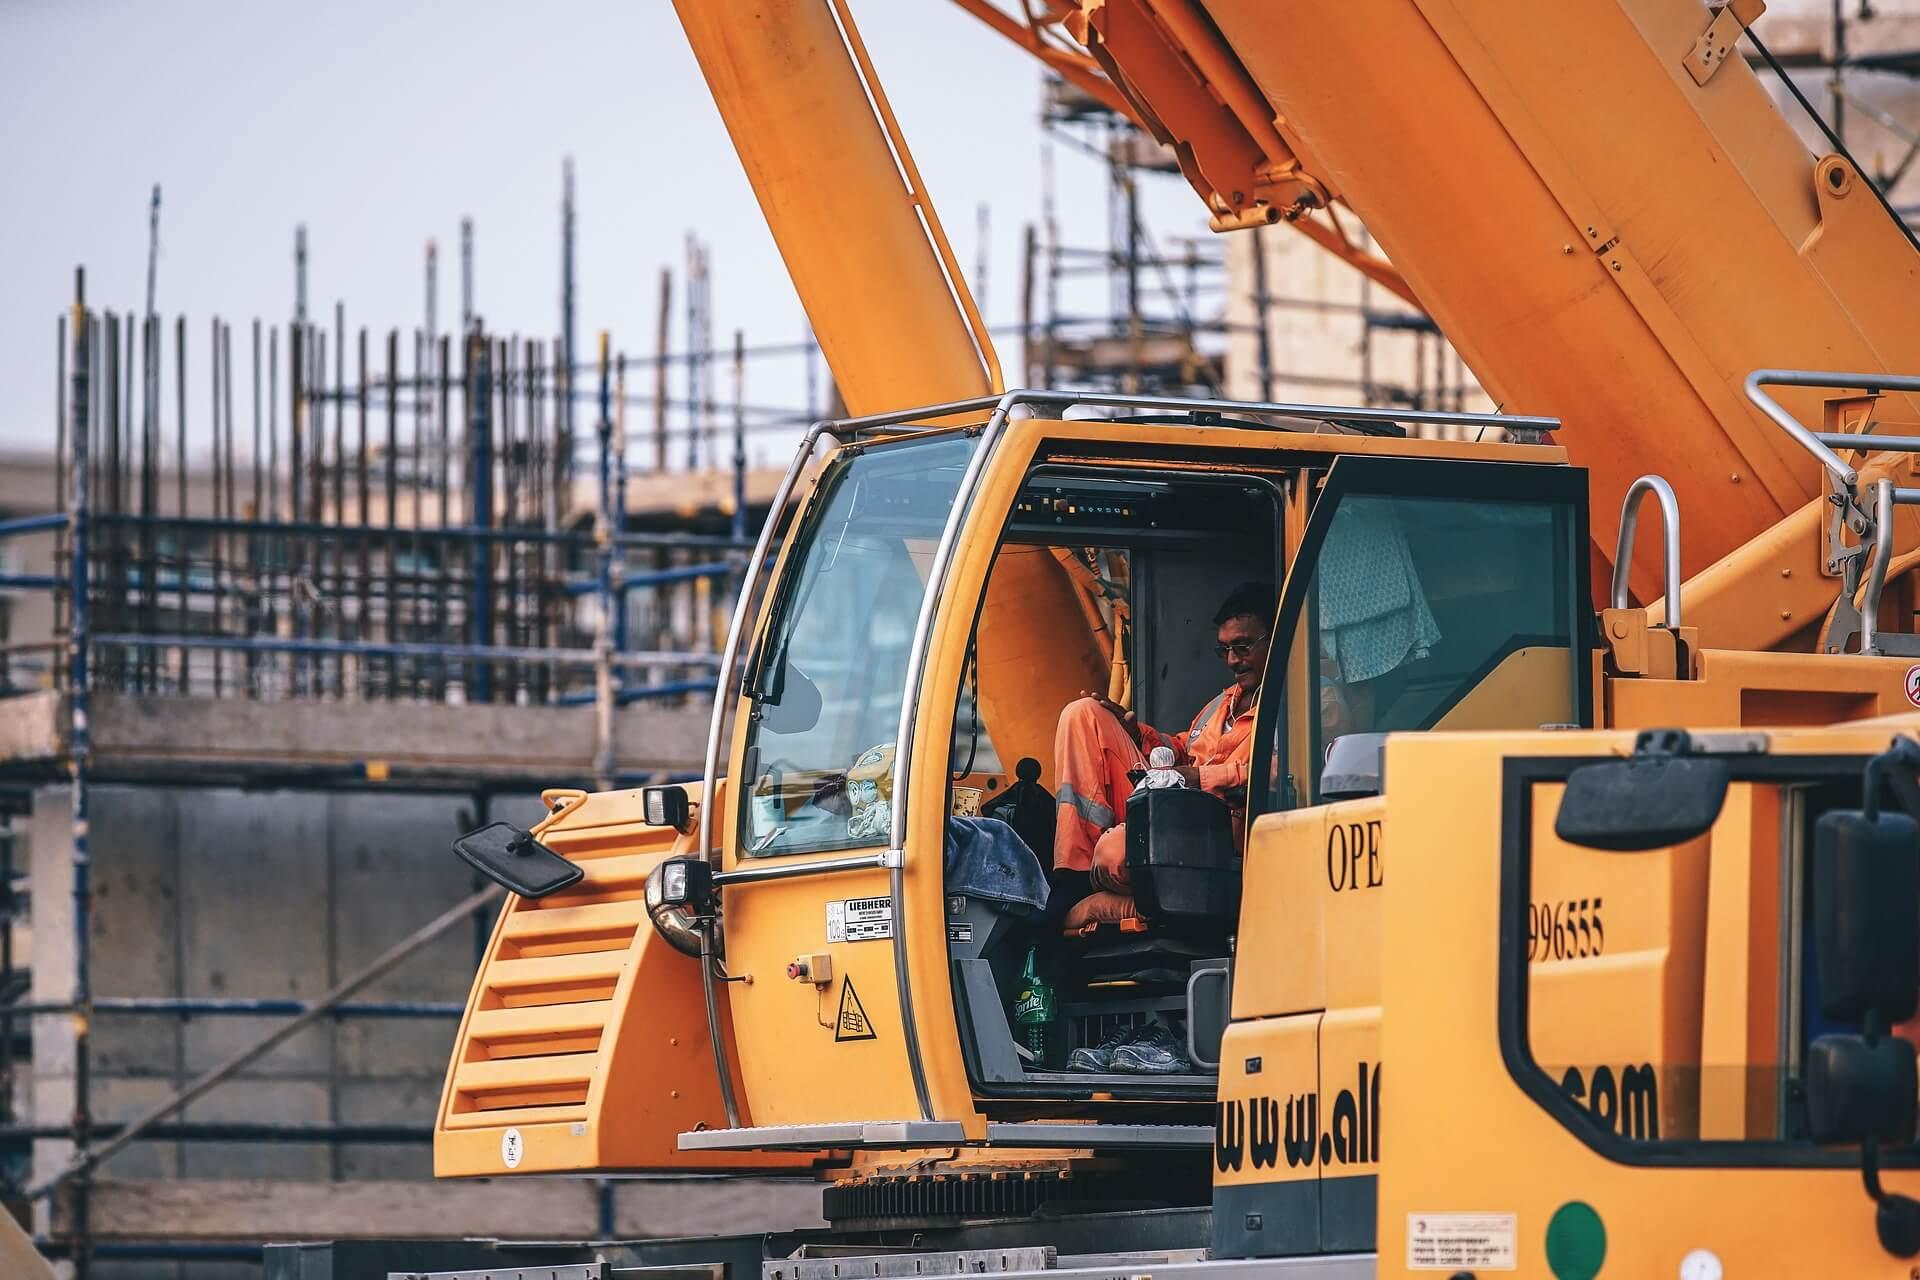 operating cranes